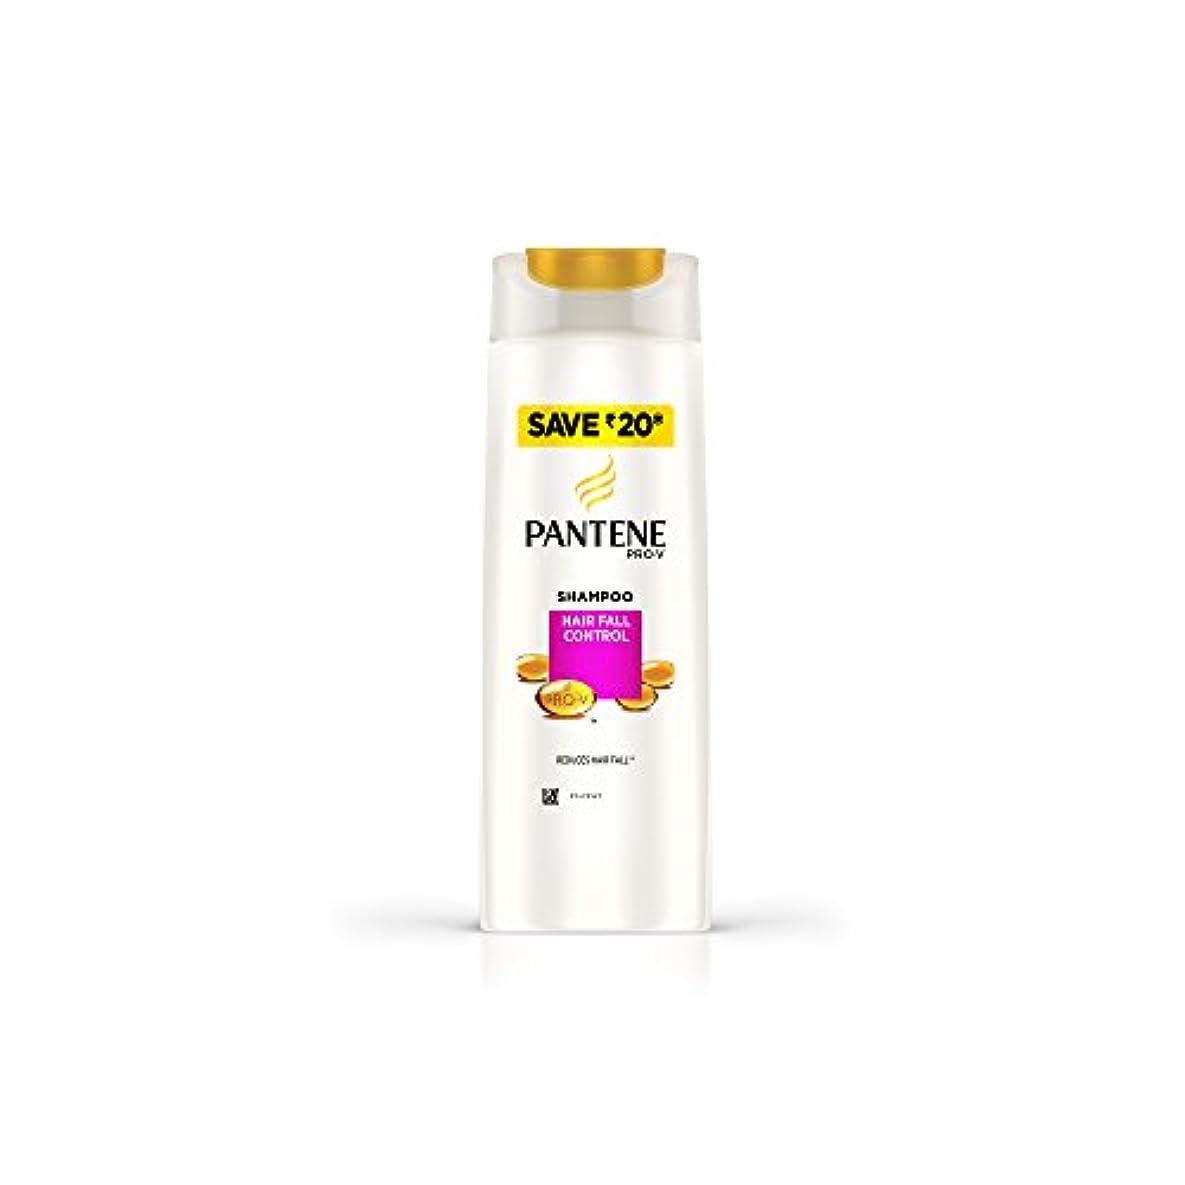 敗北重々しい風刺PANTENE Hair Fall control SHAMPOO 180 ml (PANTENEヘアフォールコントロールシャンプー180ml)